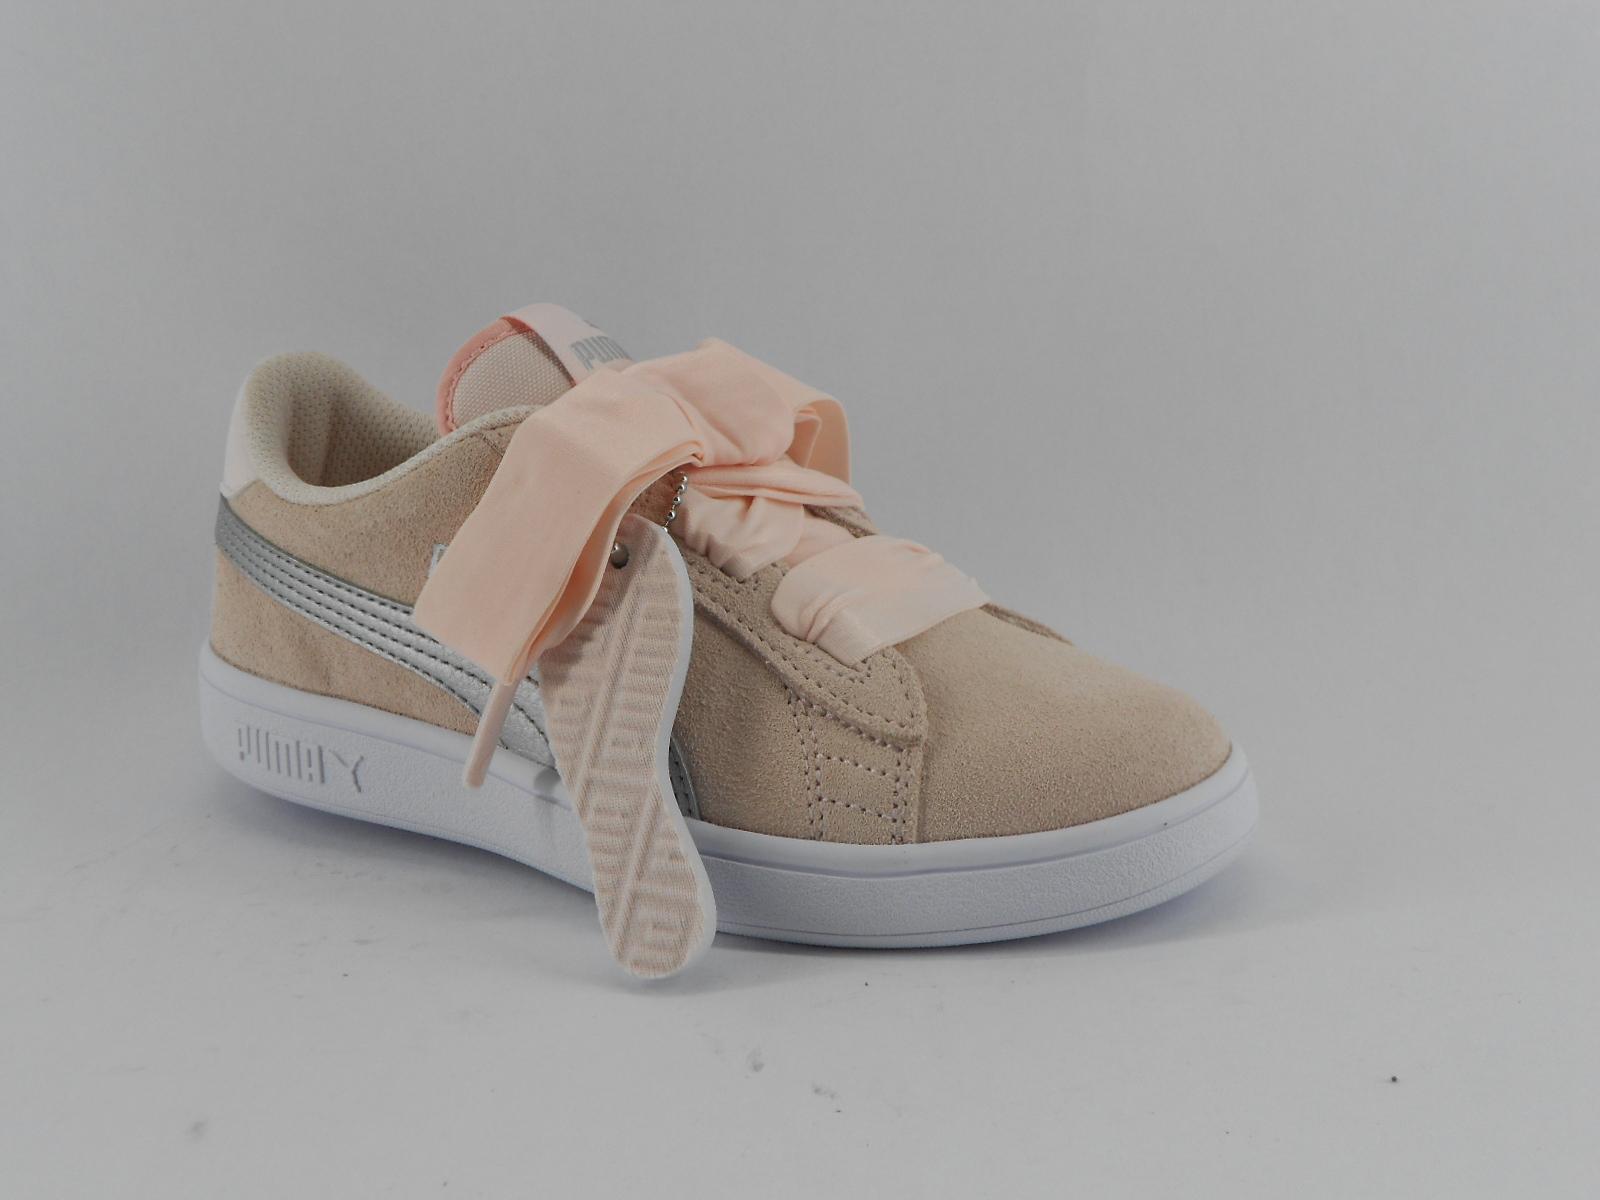 7dda37f40e Tenis Puma Criança - Loja dos Sapatos